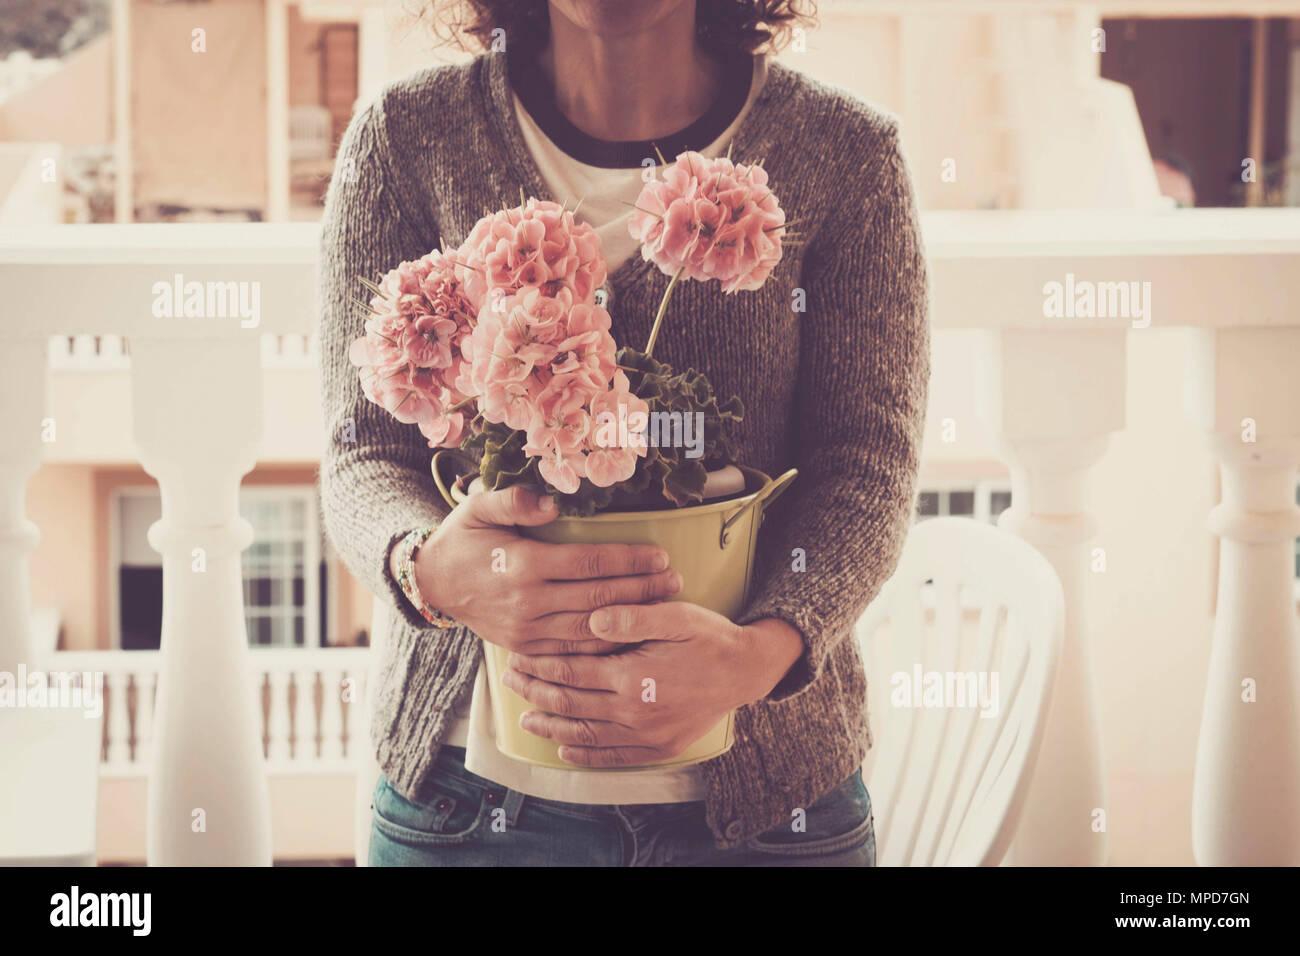 La donna caucasica medioevo con il grande vaso di fiori all'aperto in terrazza con luce solare. romantico bohemien concetto di stile di vita hippy Immagini Stock